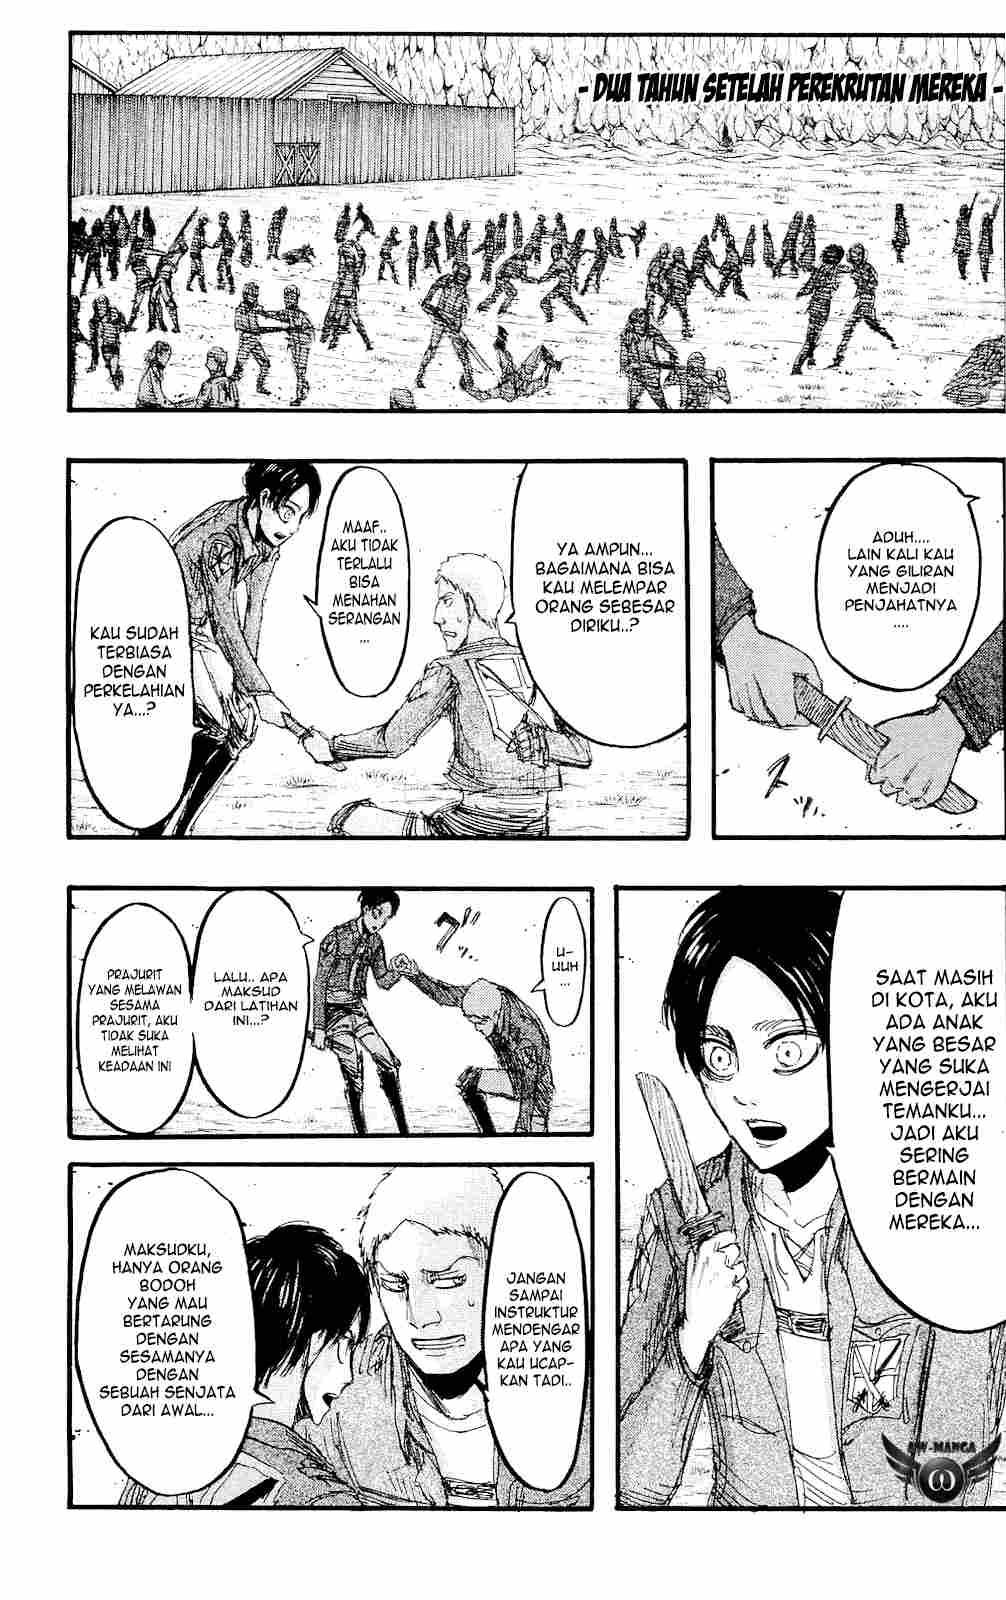 Komik shingeki no kyojin 017 - ilusi dari kekuatan 18 Indonesia shingeki no kyojin 017 - ilusi dari kekuatan Terbaru 5|Baca Manga Komik Indonesia|